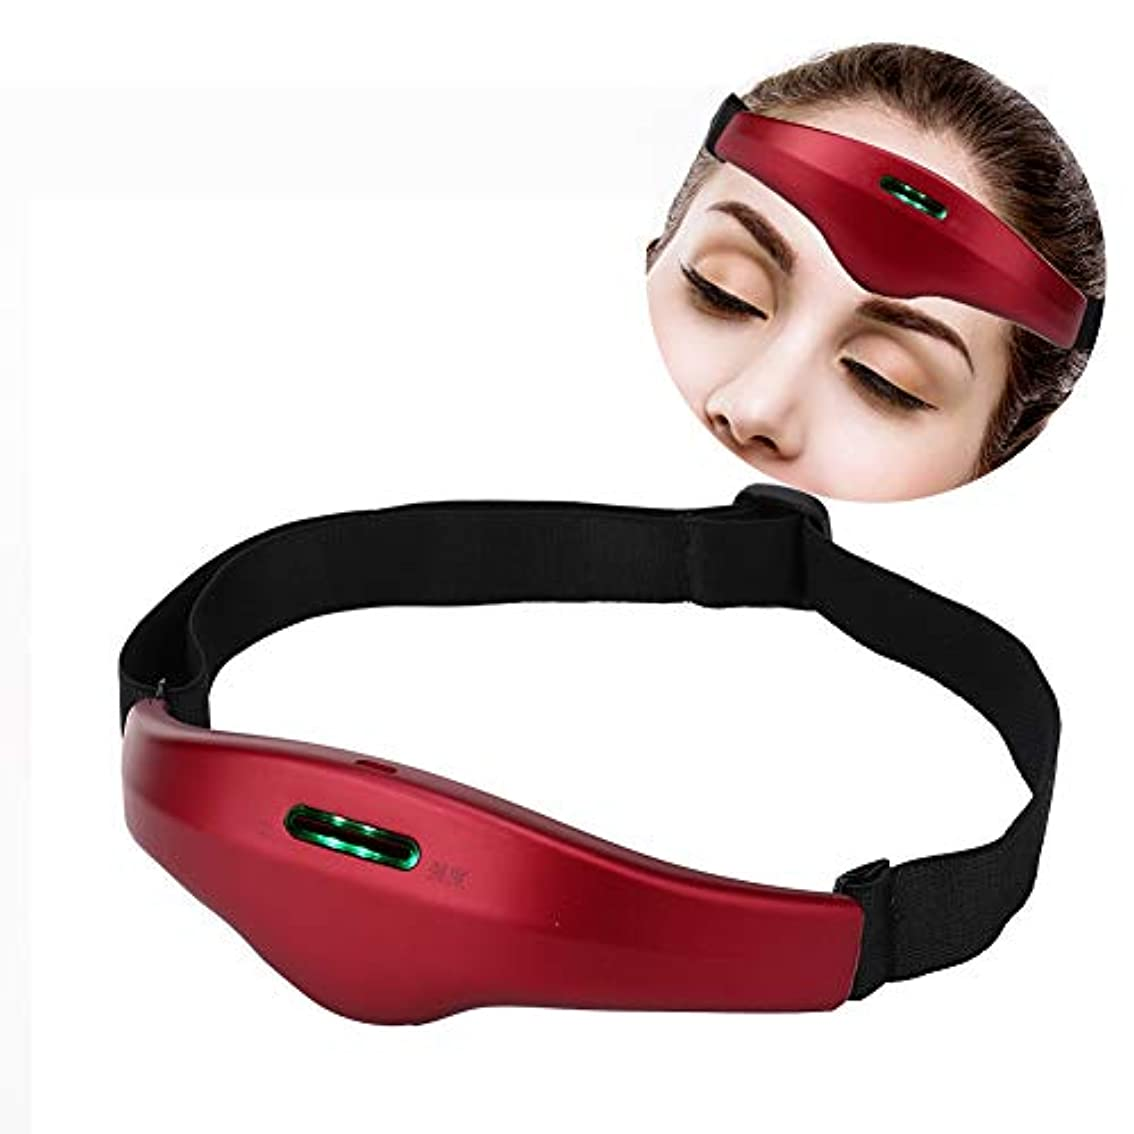 設計図エントリに同意する電気ヘッドマッサージャー、ストレス解消のためのコントロールネックマッサージャーとより良い睡眠の声インテリジェント睡眠マッサージ装置(Vermilion Red)